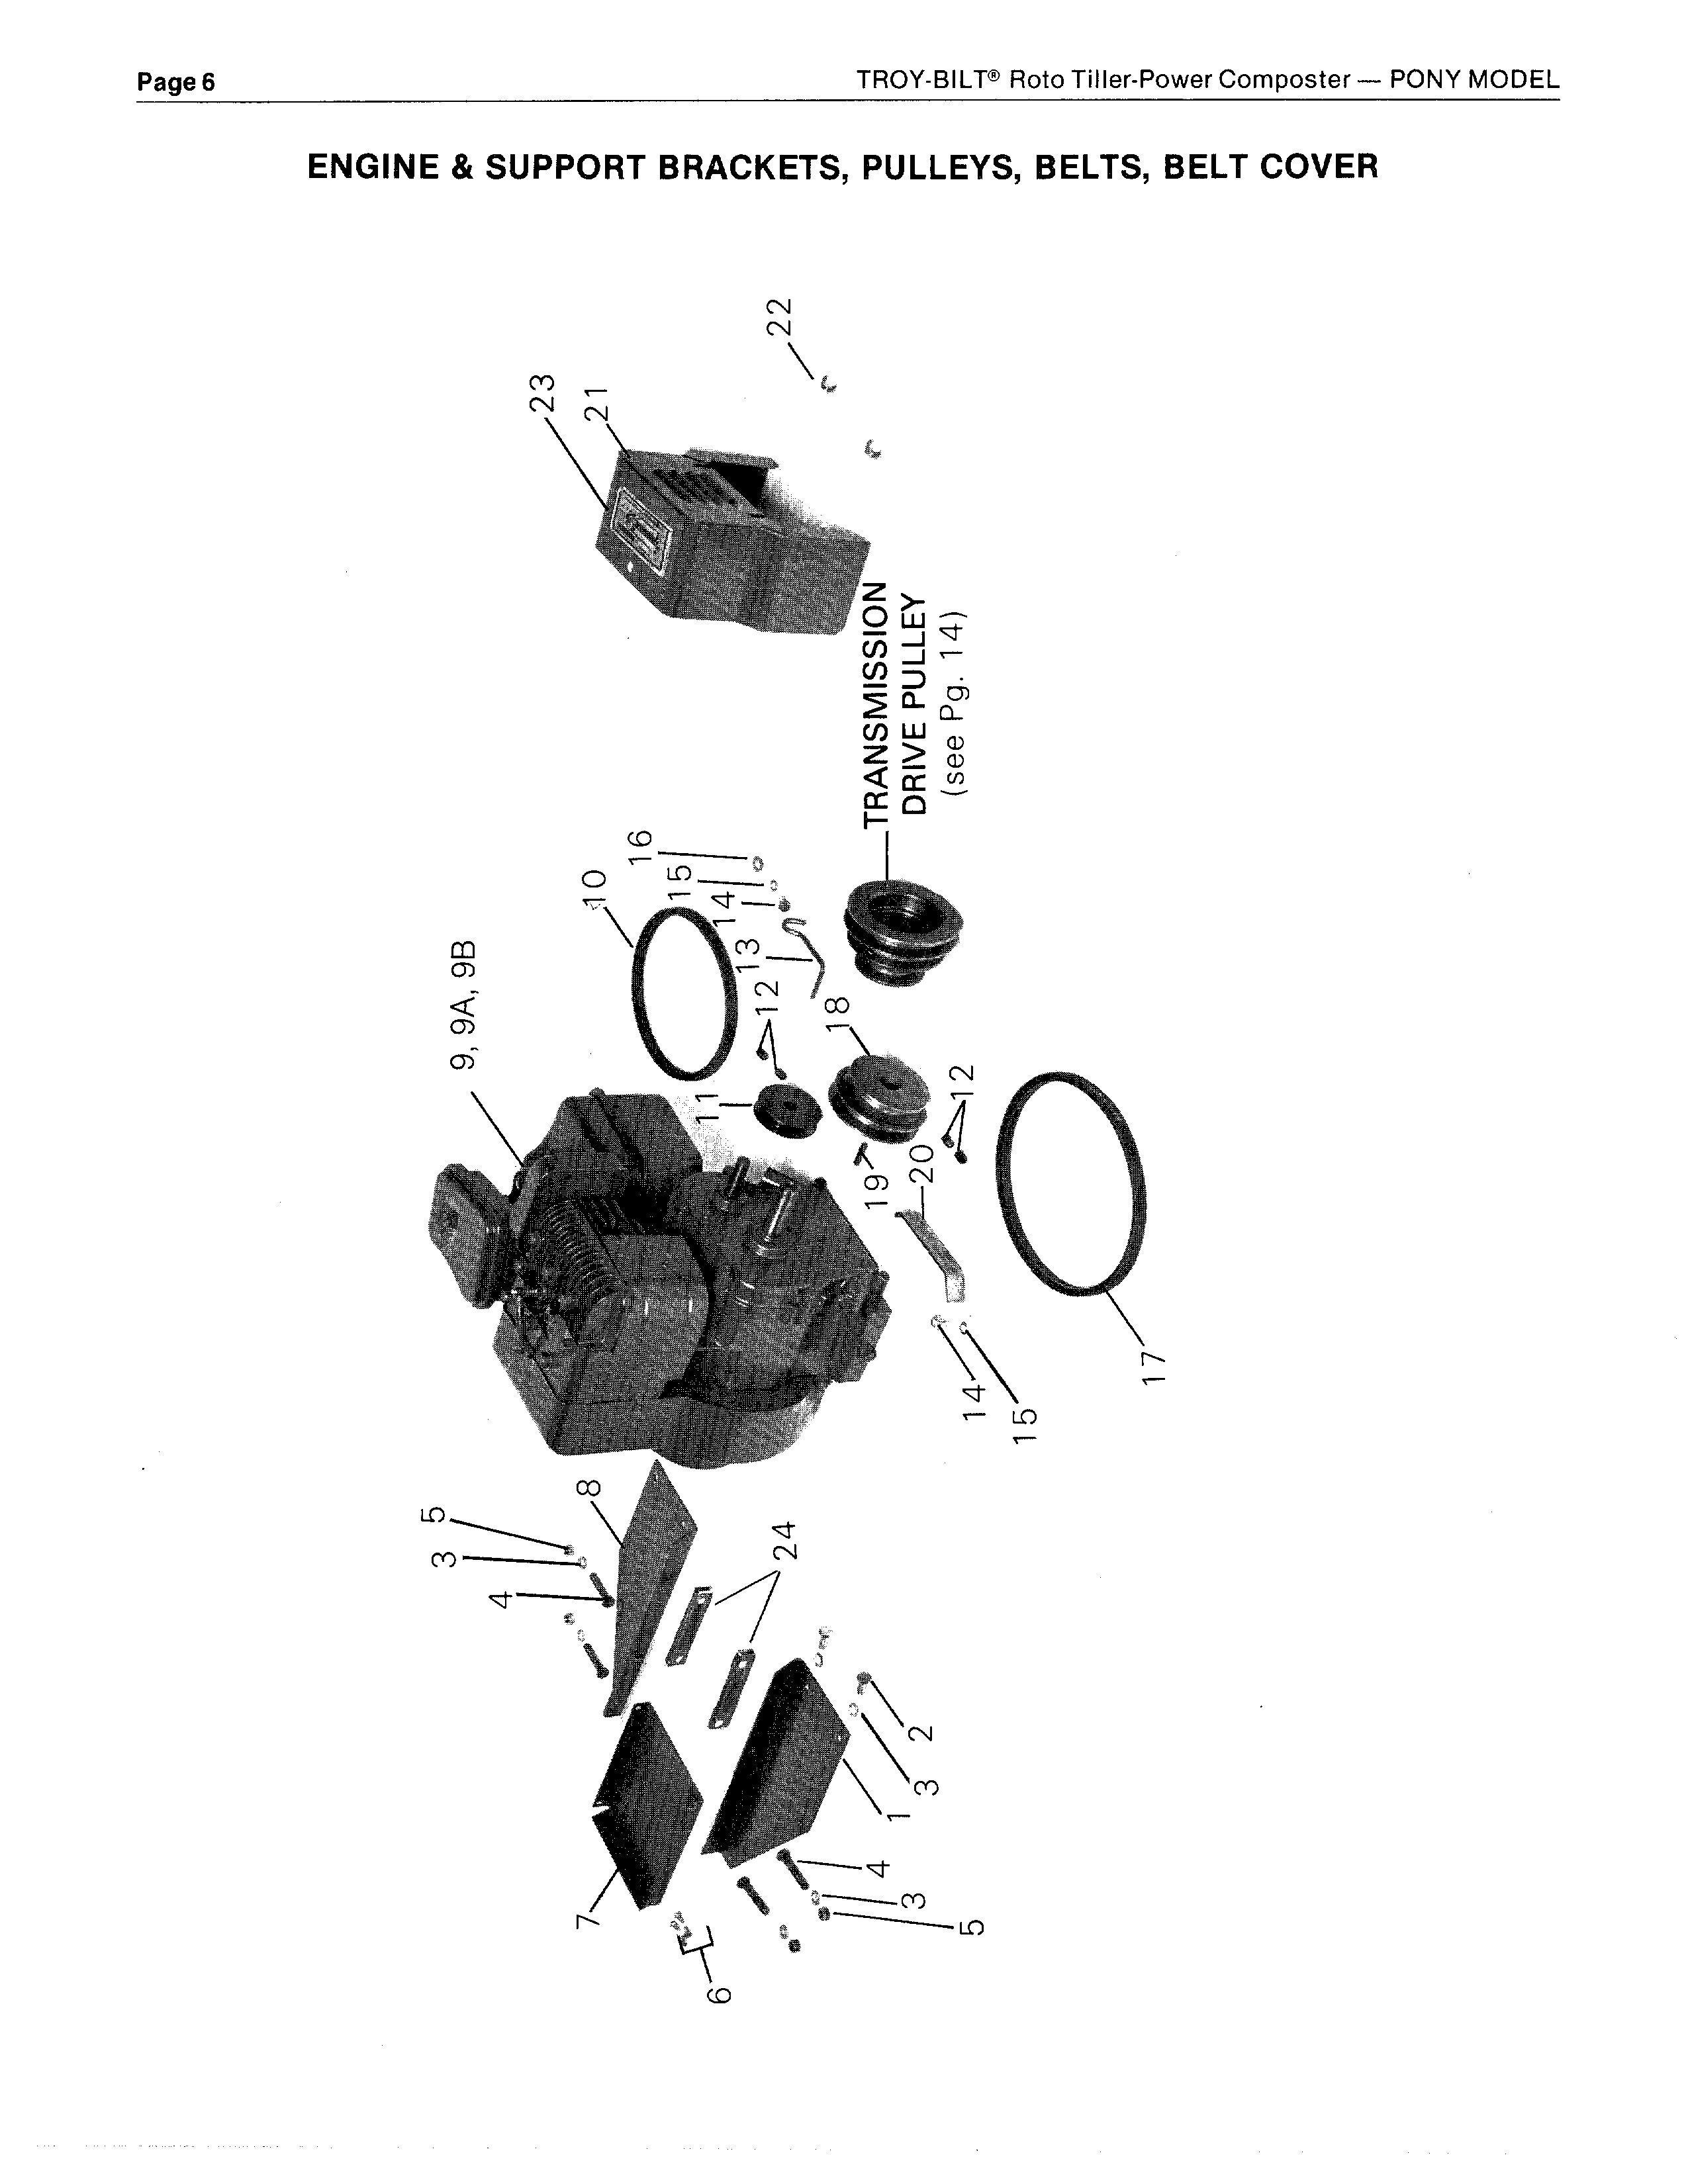 troy bilt pony wiring diagram 13an77kg011 swm splitter Troy-Bilt 42 Riding Mower Parts Troy-Bilt Pony Mower Wiring Diagram